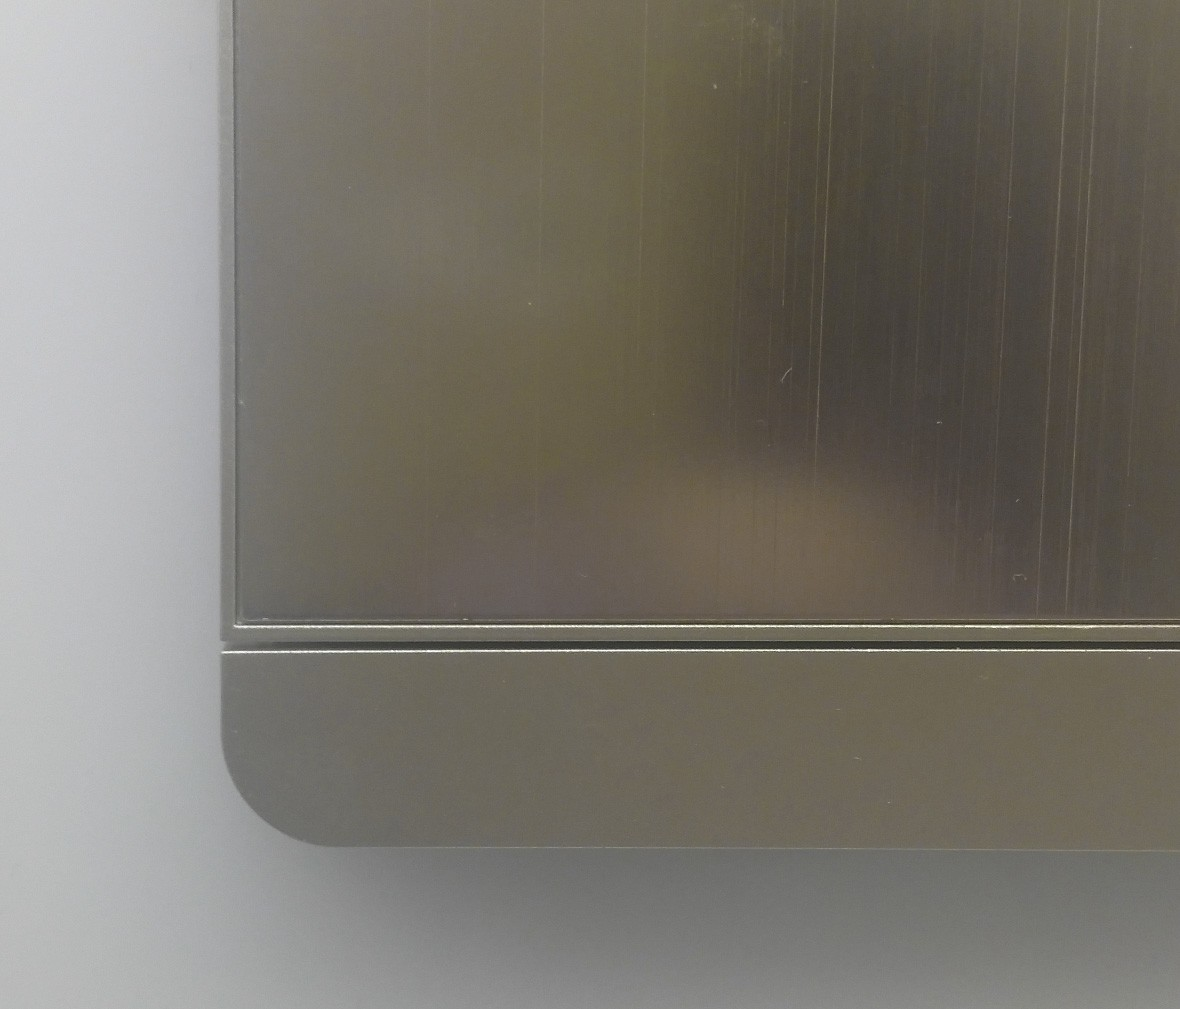 施耐德 蓝韵系列 单开拉丝面开关 PC材质 耐高温 防漏电 安全插座 细节